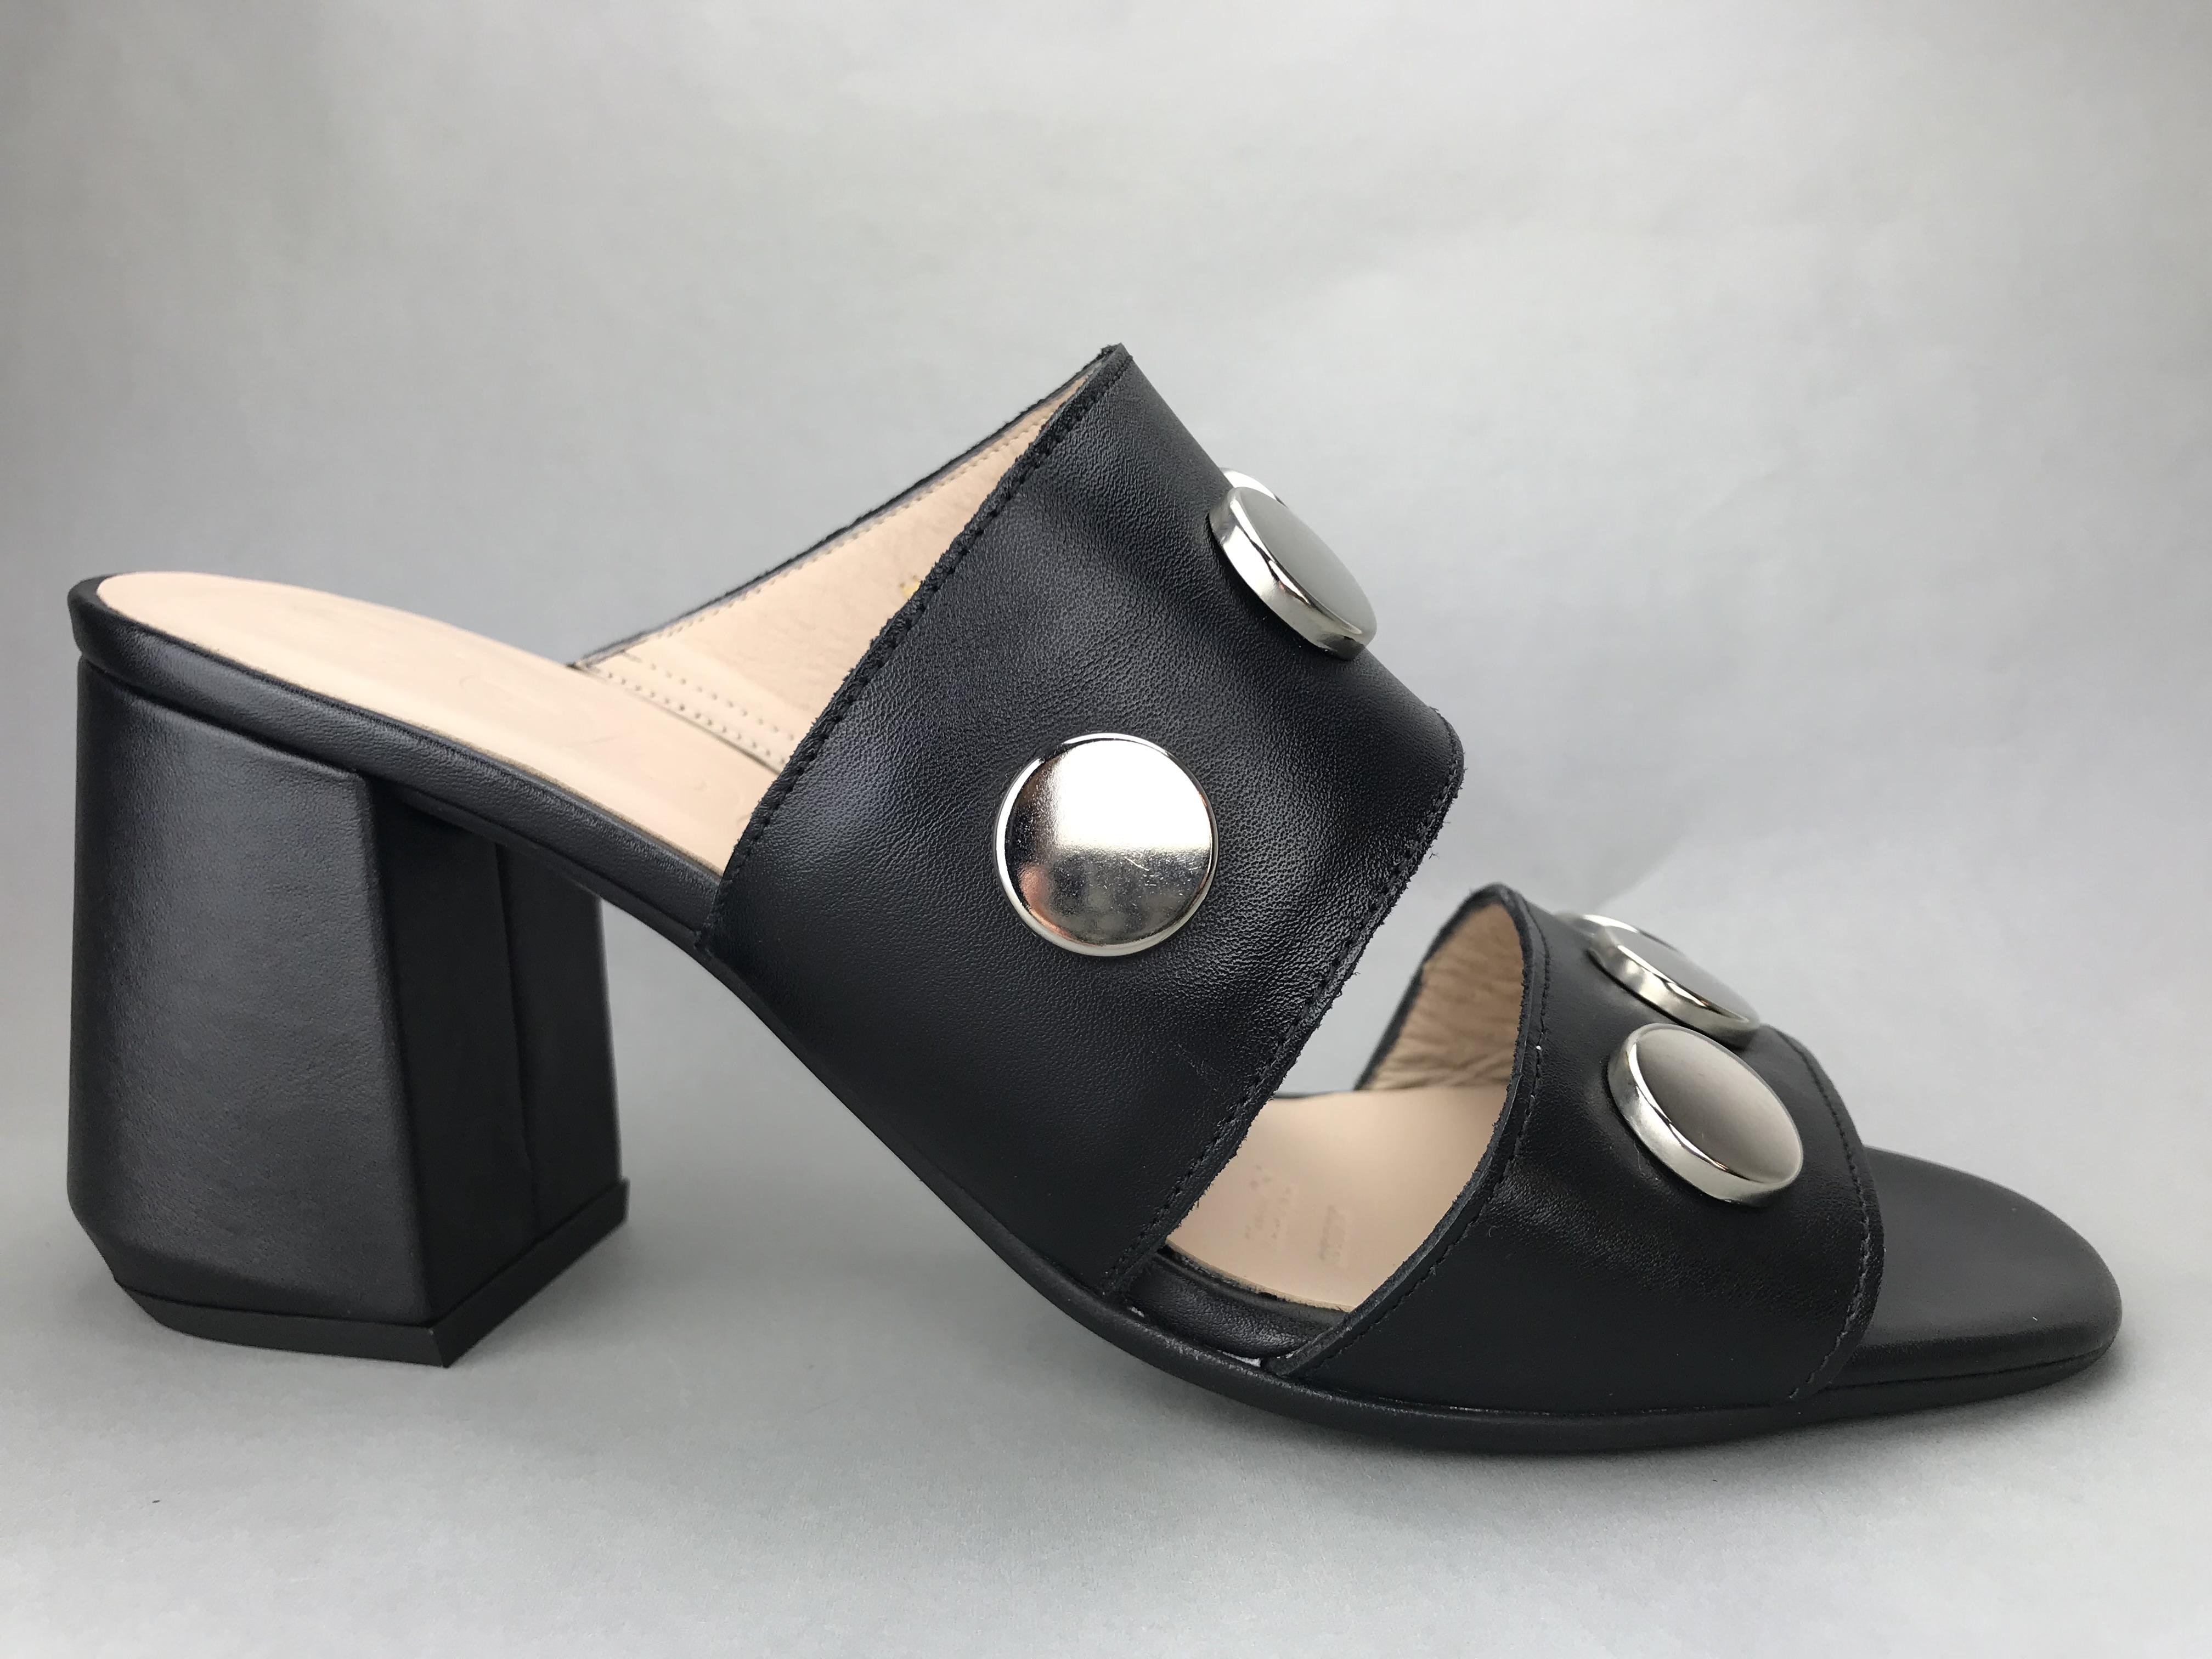 d2125abfedb Wonders slippers m. hæl og nitter - sort - DAME - zjoos-hjoerring.dk